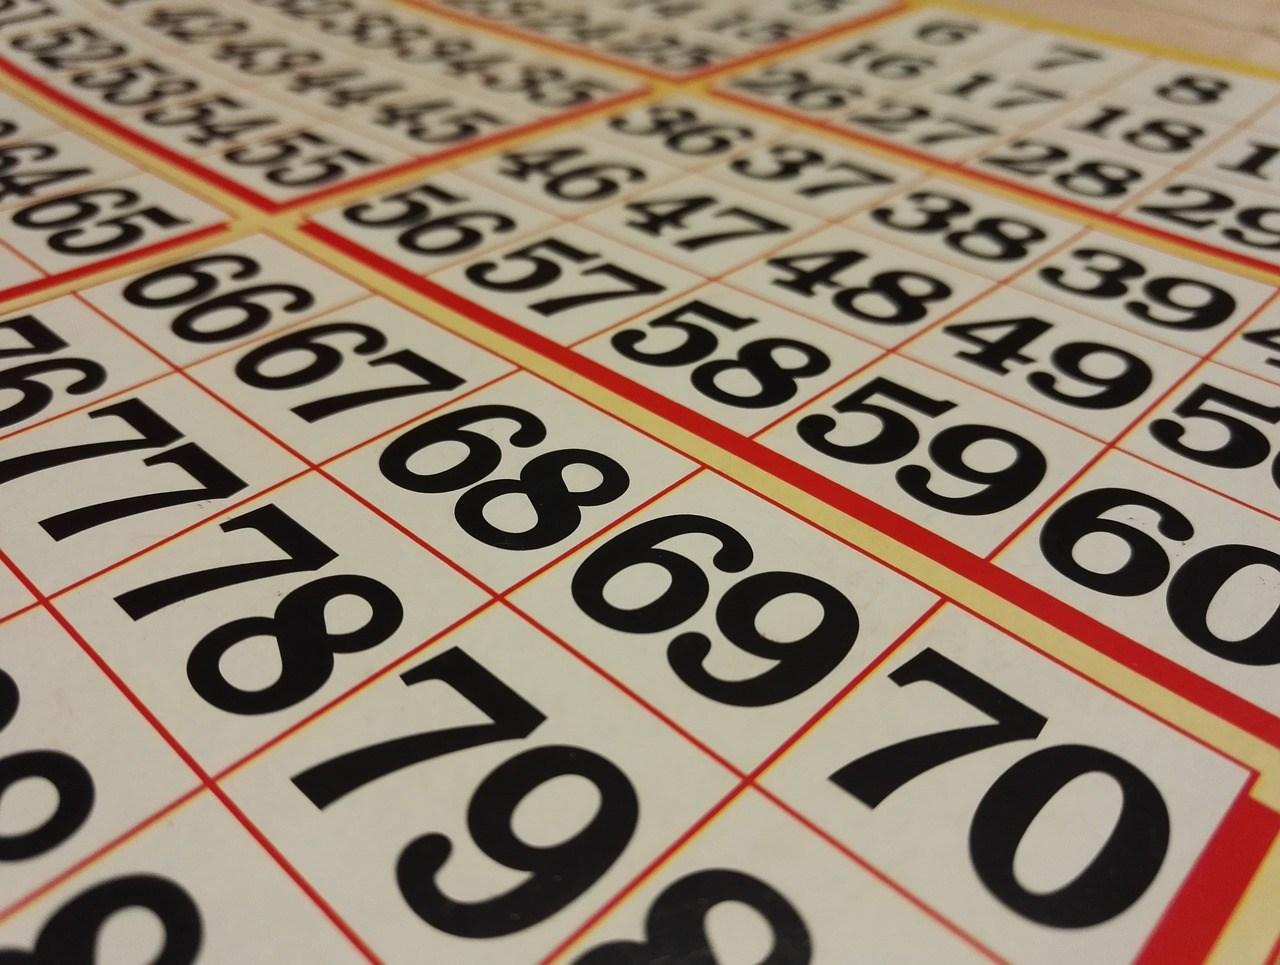 Øg dine vinderchancer i bingo ved at lægge en strategi